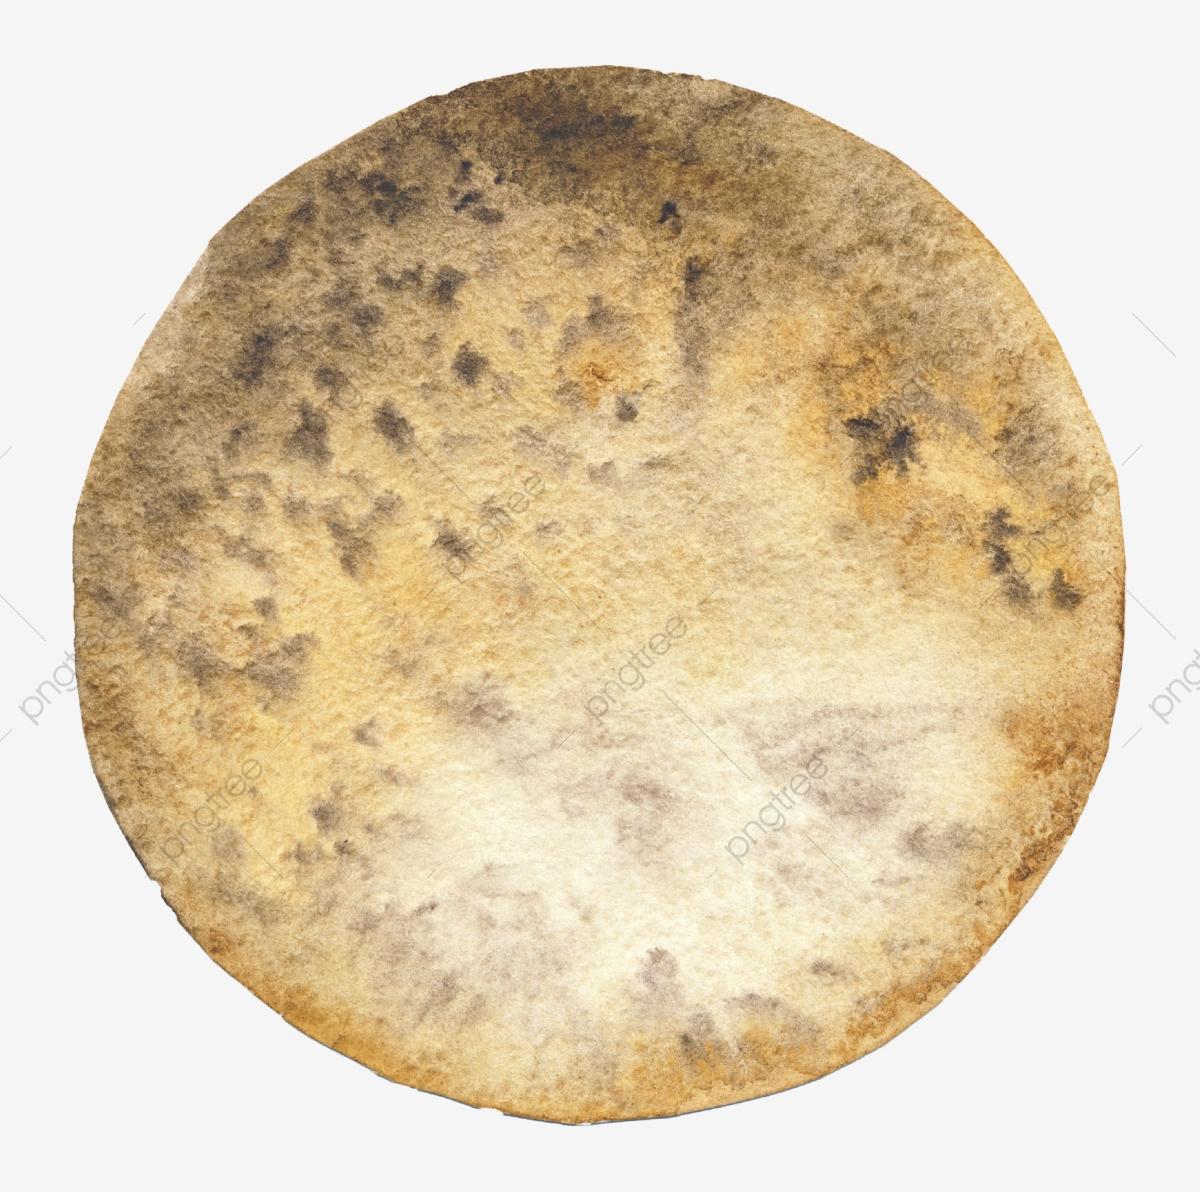 Human Lunar Day Alien Alien Planet, Landing On The Moon.